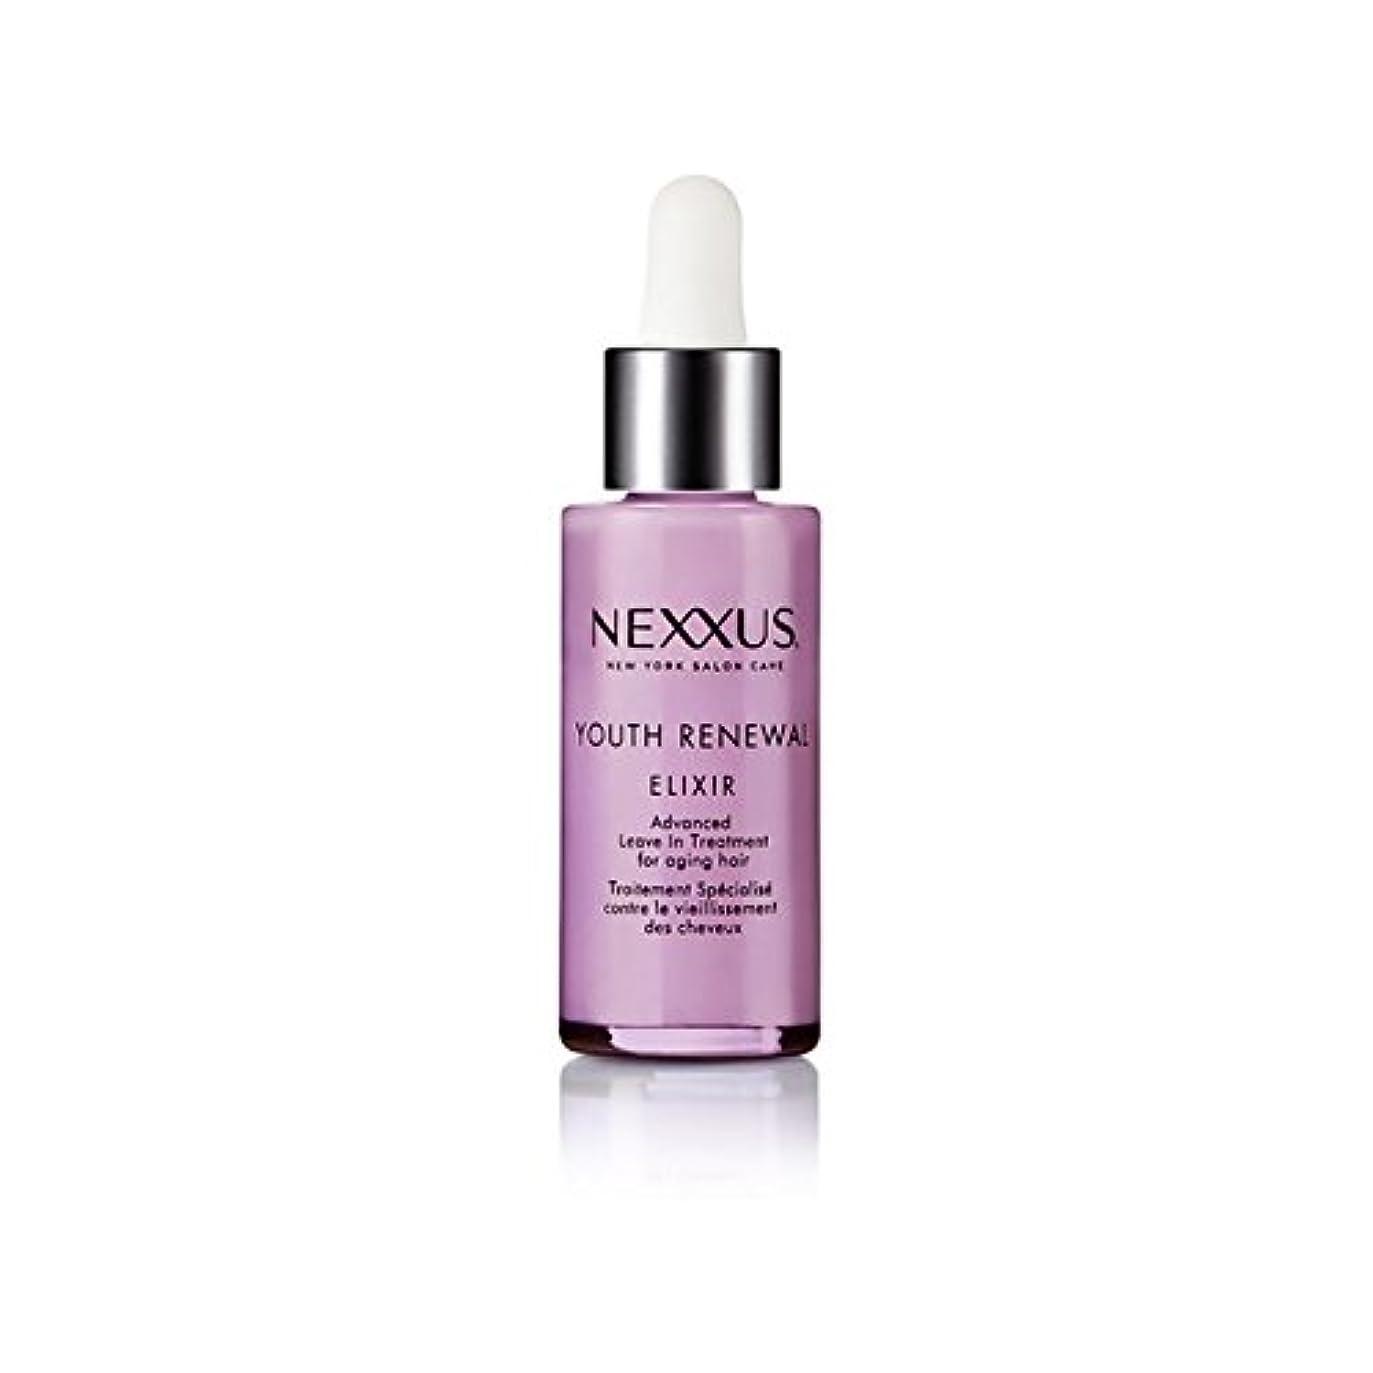 湿気の多い真似る破滅的な若者の更新エリキシル(28ミリリットル) x4 - Nexxus Youth Renewal Elixir (28ml) (Pack of 4) [並行輸入品]